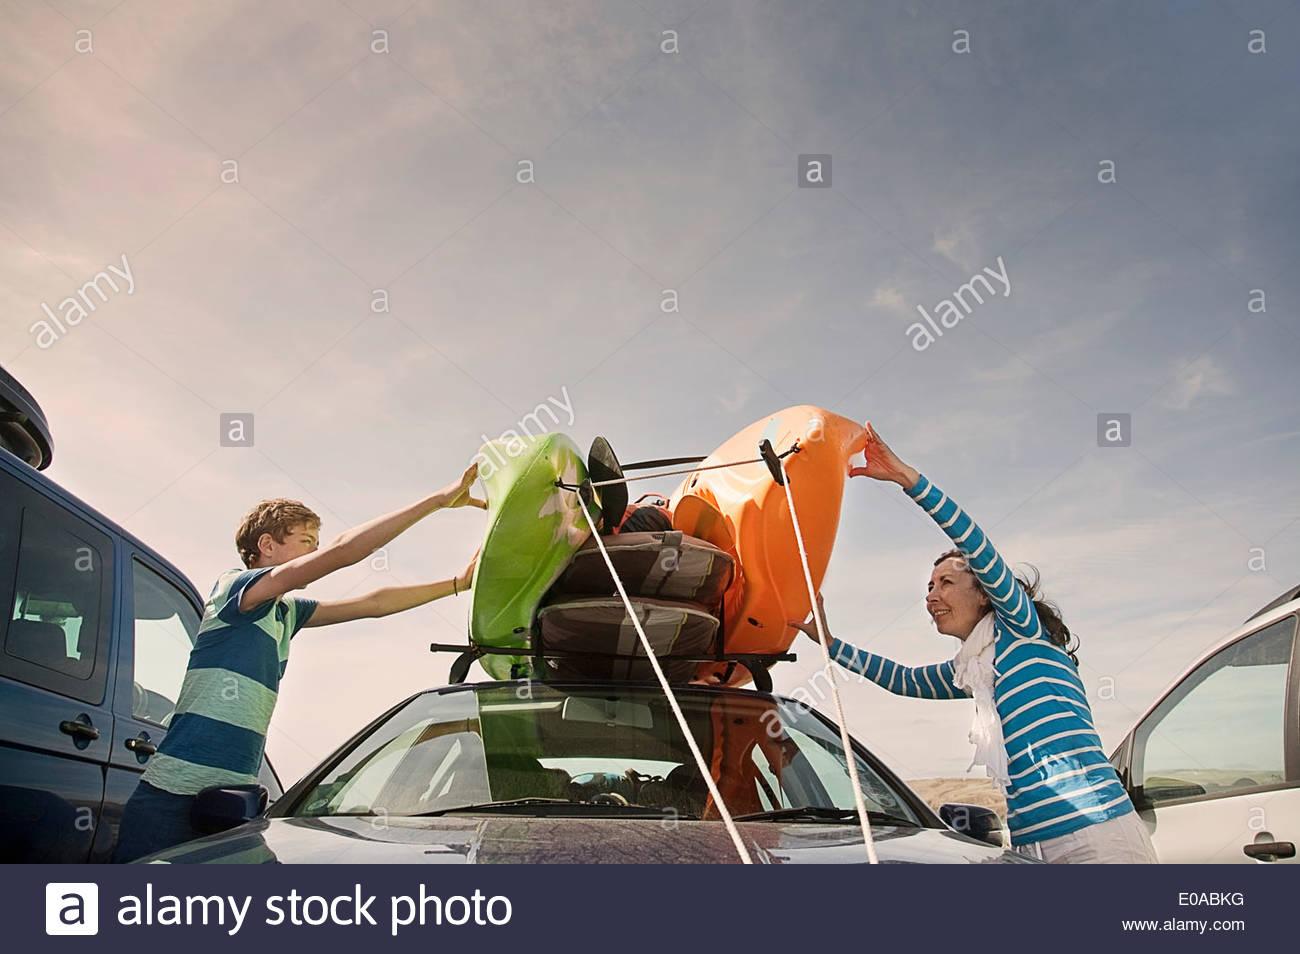 Madre e hijo kayaks apilado en la parte superior del coche Imagen De Stock